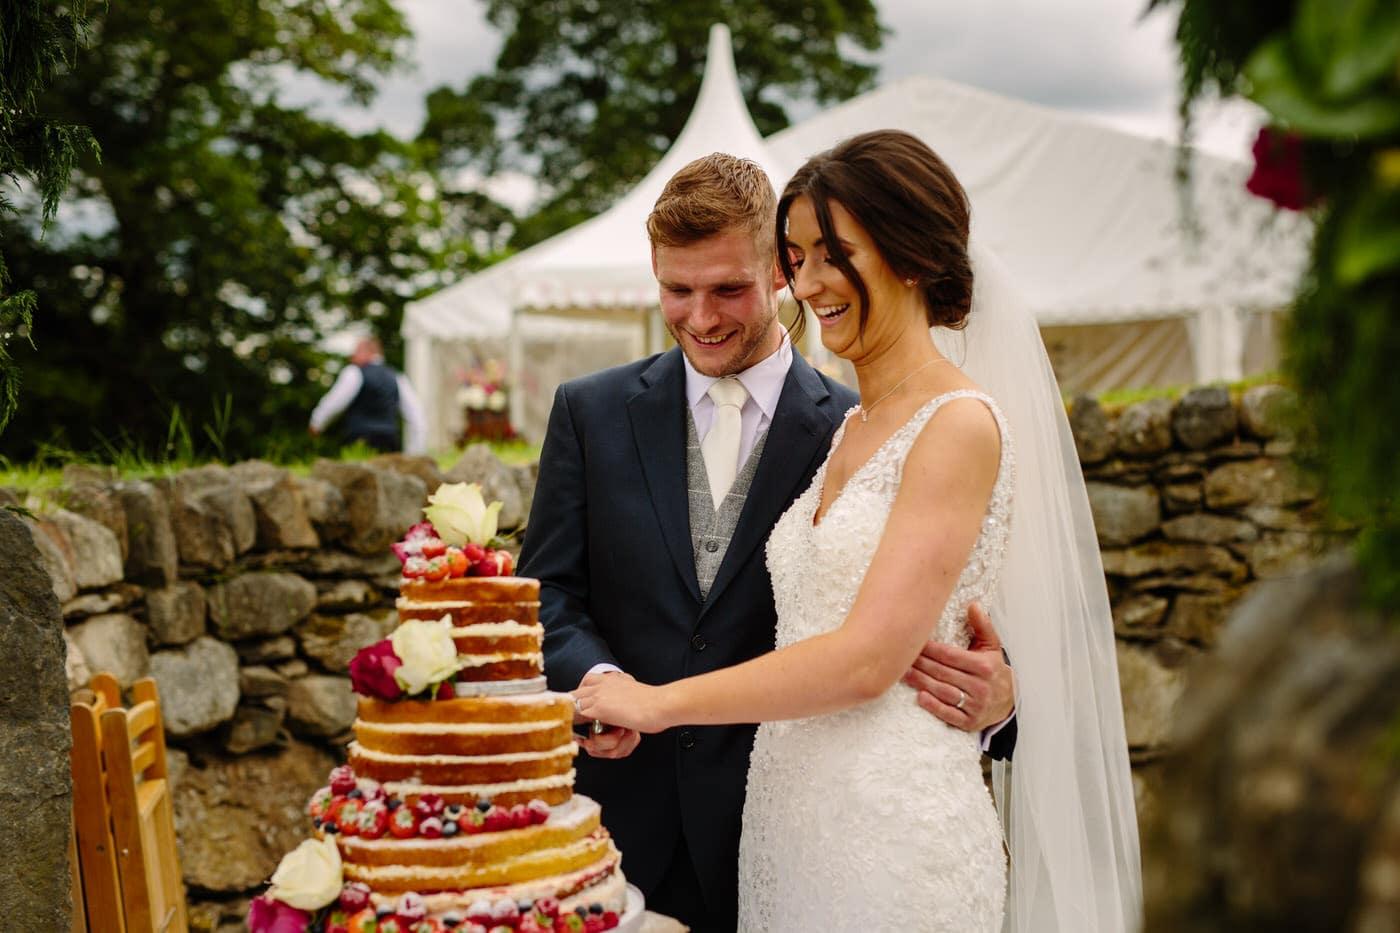 SG NORTH WALES WEDDING 920